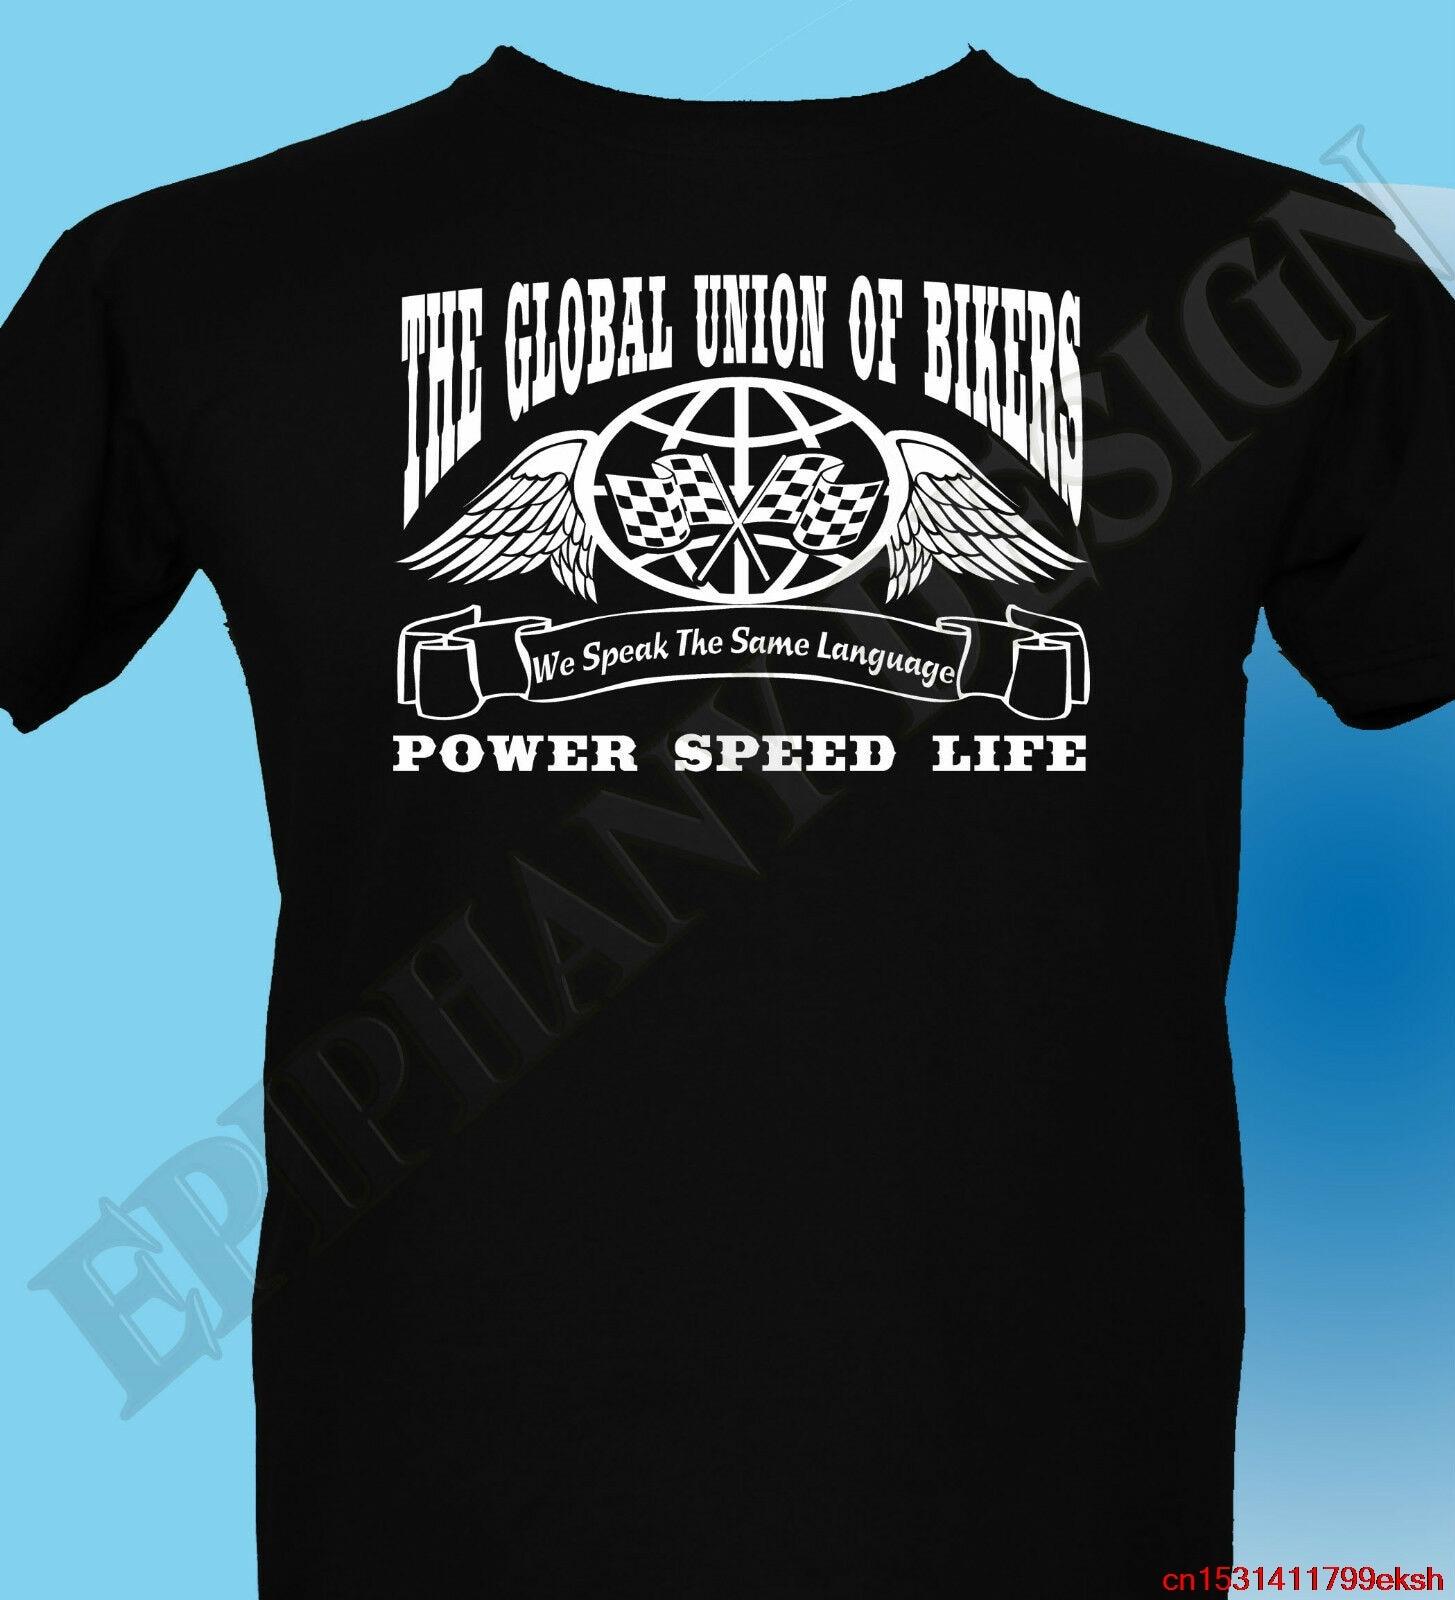 Camiseta de motorista para hombre 3XL 4XL 5XL unión Global de Cafe Racer Ton Up Boys